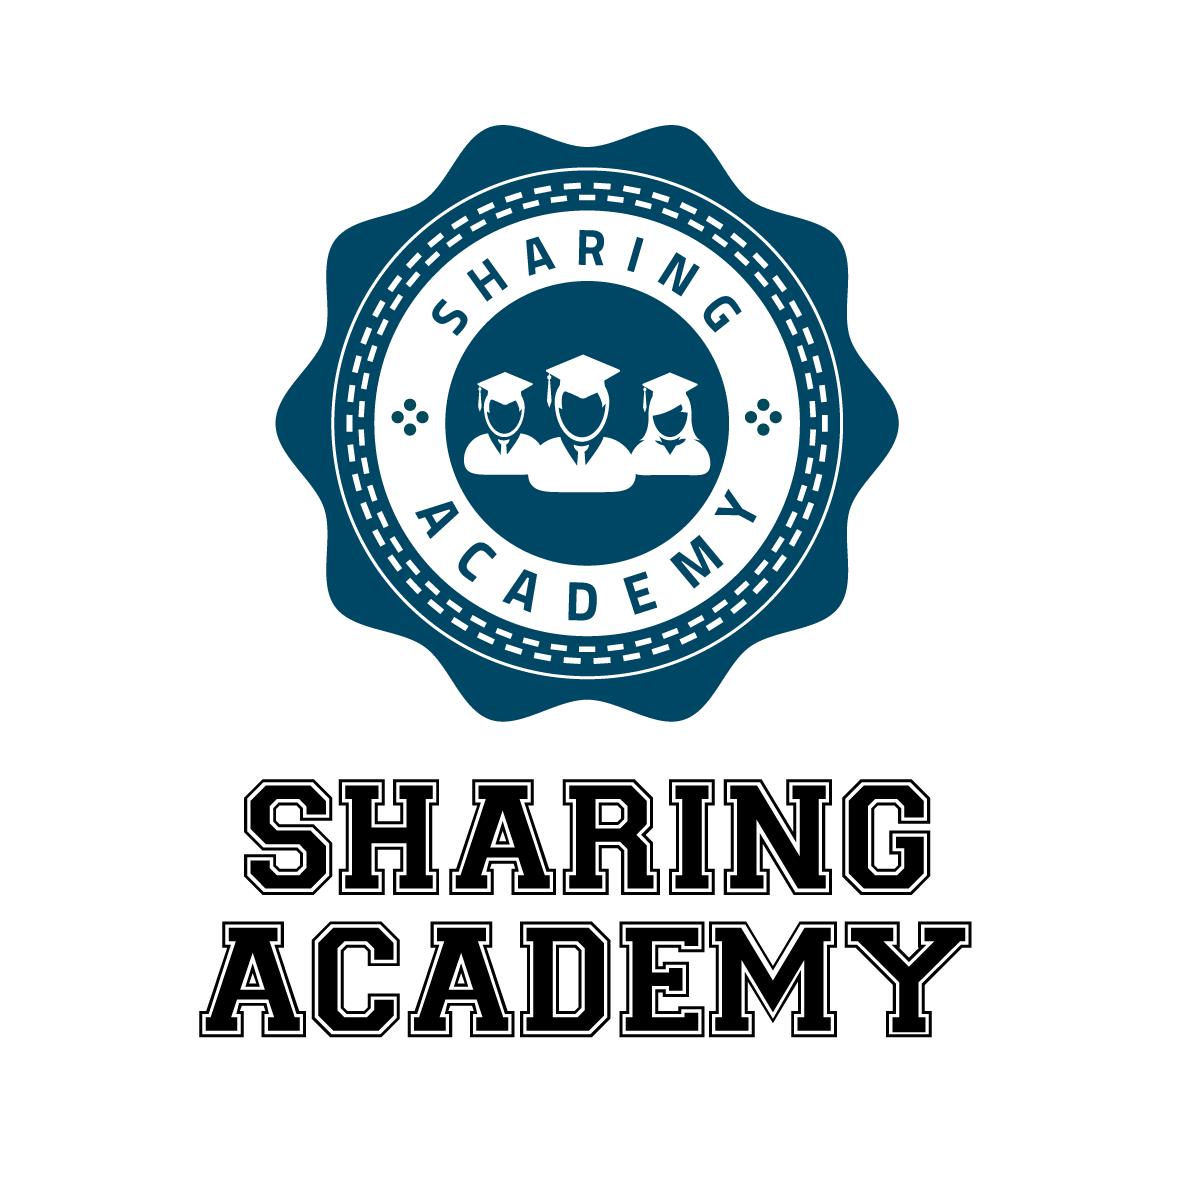 L'app en català Sharing Academy, premiada com la millor aplicació als Mobile Premier Awards 2016